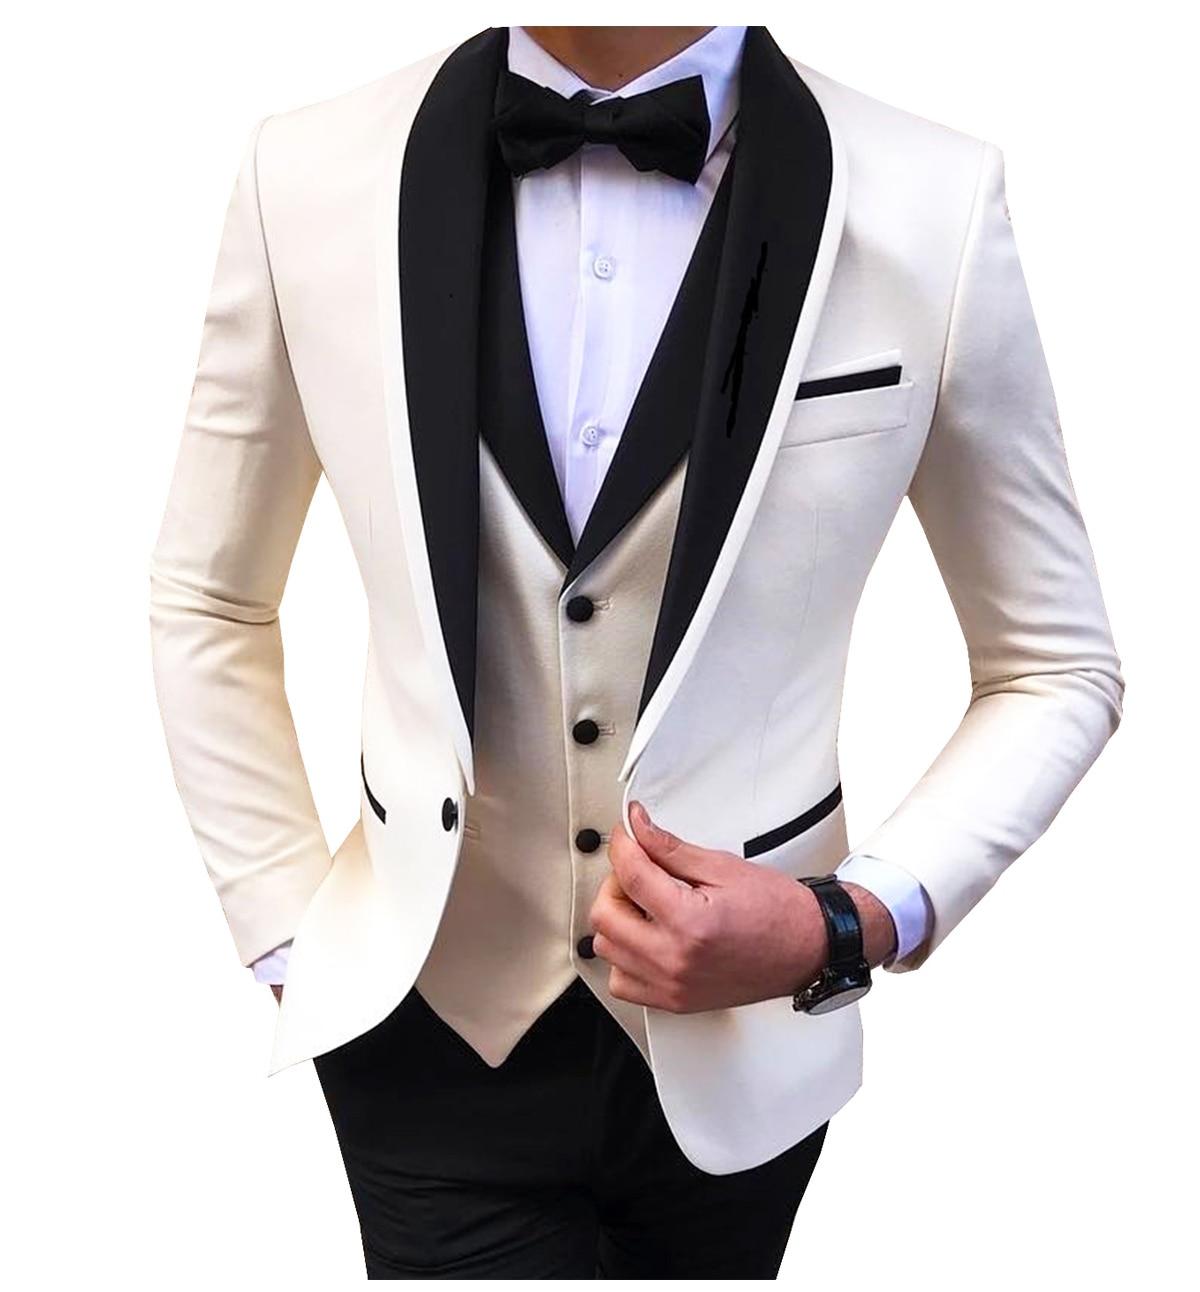 بدلة رجالية بشق أبيض 3 قطع صدرية شال سوداء غير رسمية بدلة العريس لأعياد الزفاف بدلات رجال 2021 (سترة + سترة + بنطلون)